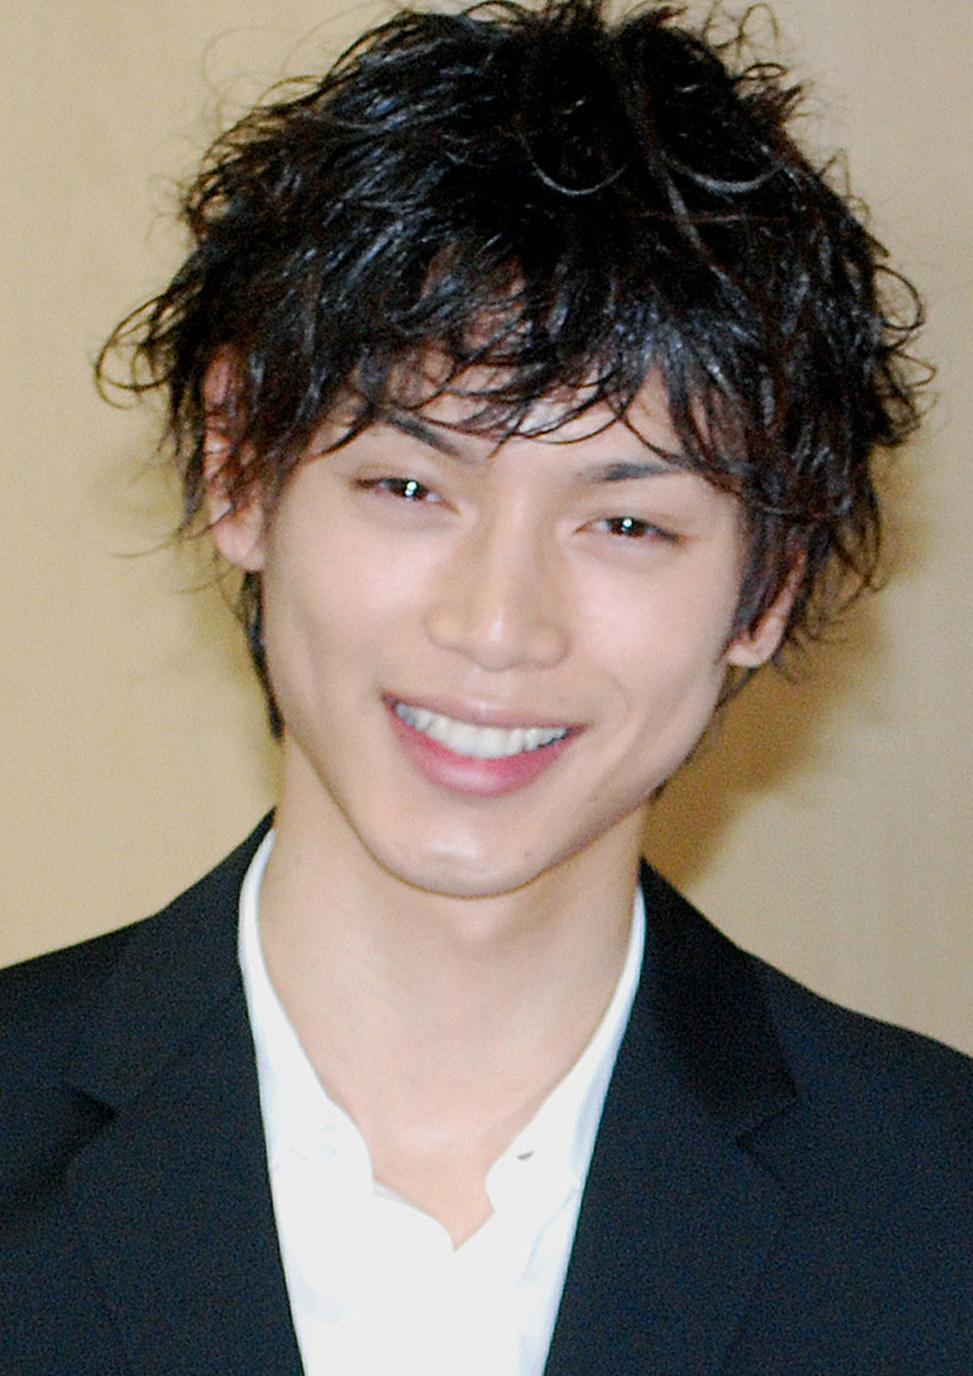 イケメン俳優の代表格だった水嶋ヒロさんは\u2026\u2026天道総司として仮面ライダーカブトに。